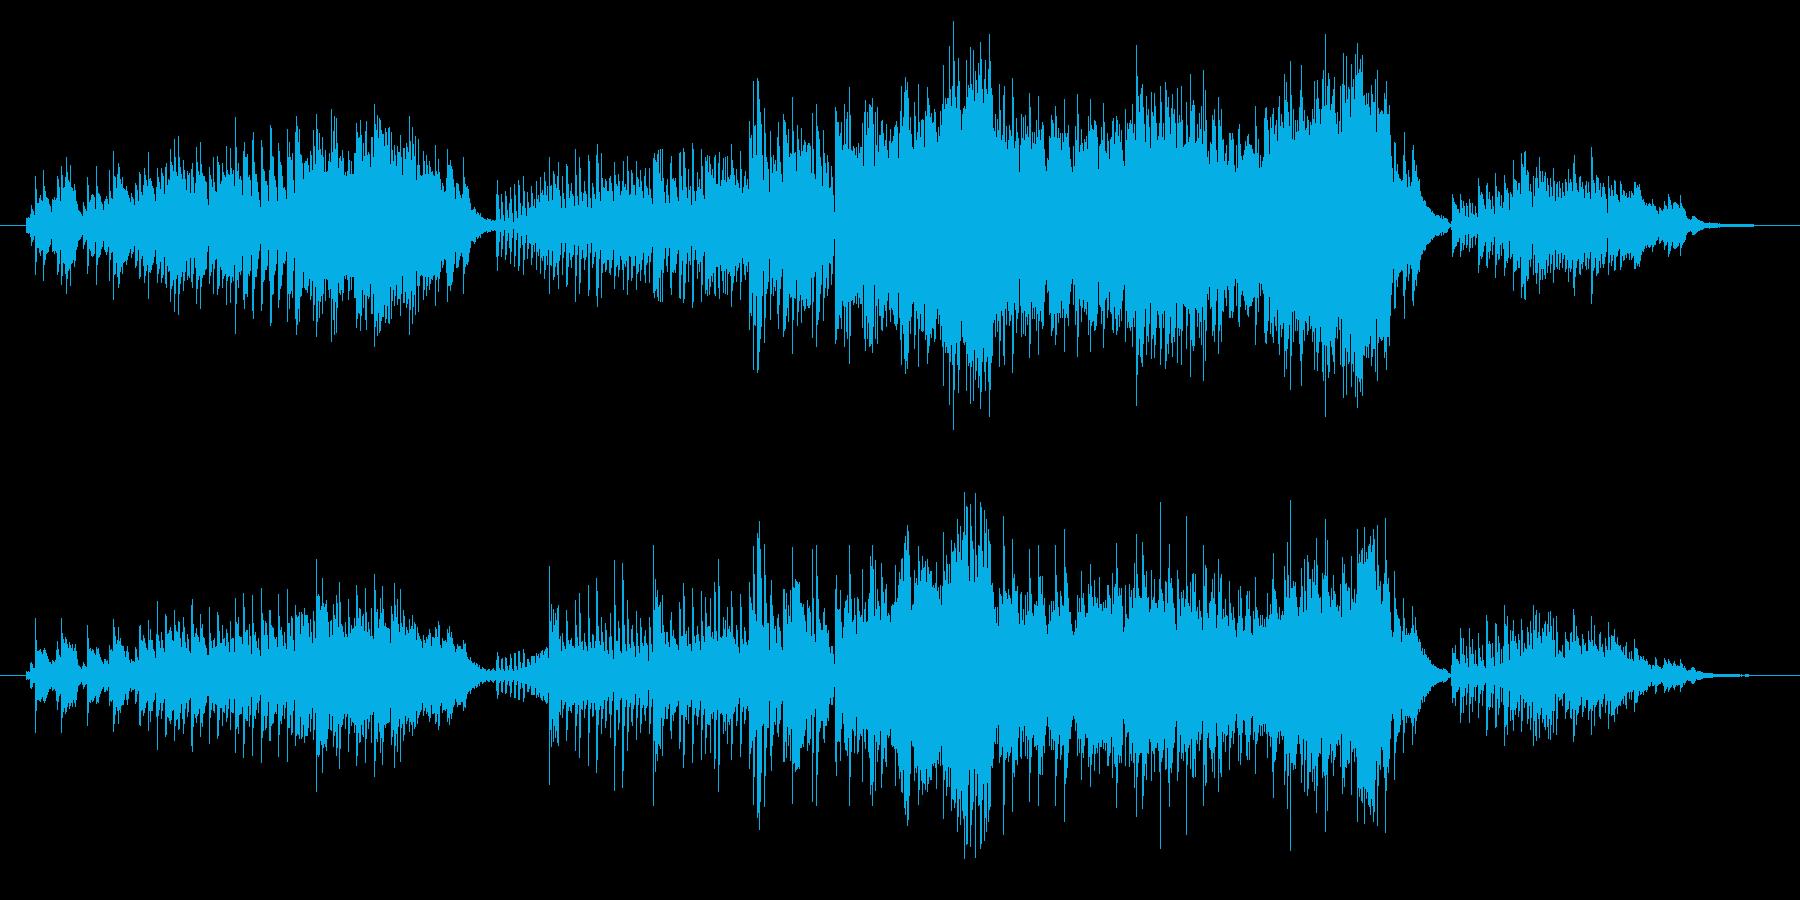 ピアノ、連弾曲で「秋」のイメージです。…の再生済みの波形